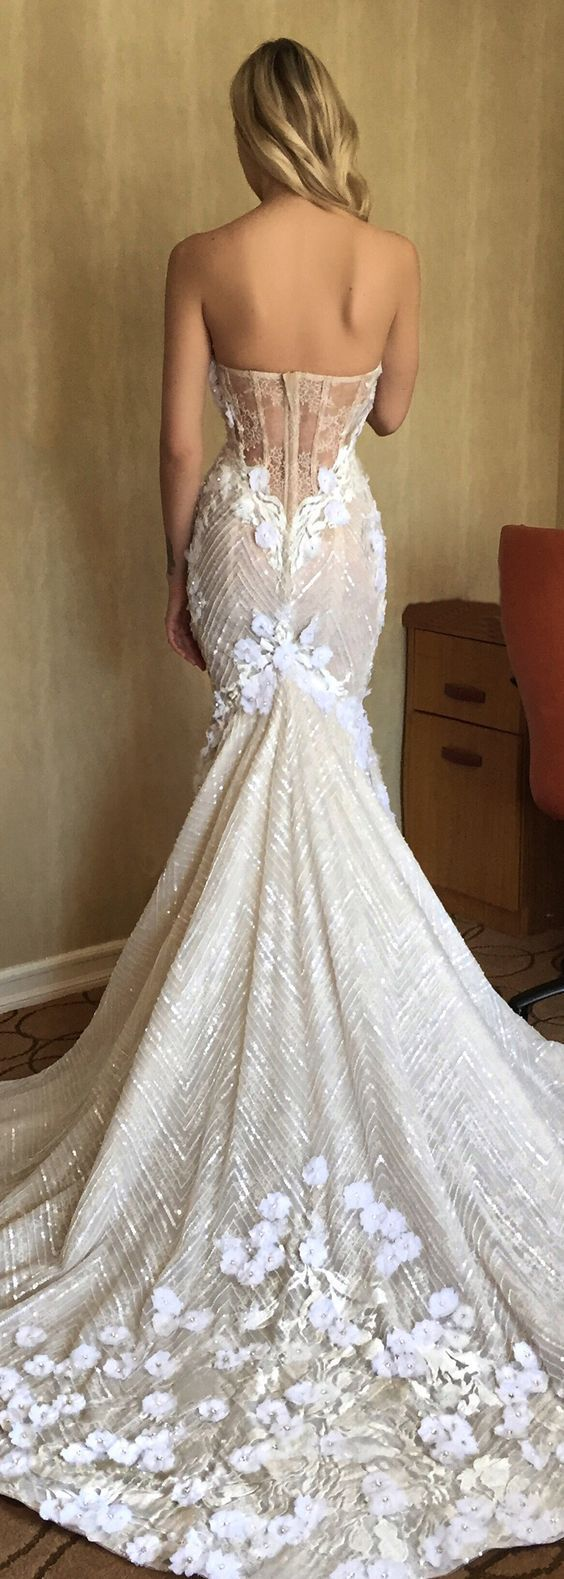 Mi piace la semplicità del vestito e i dettagli floreali nello scollo della schiena ed in fondo alla gonna..  (Berta Brida Wedding Dresses) Women, Men and Kids Outfit Ideas on our website at 7ootd.com #ootd #7ootd